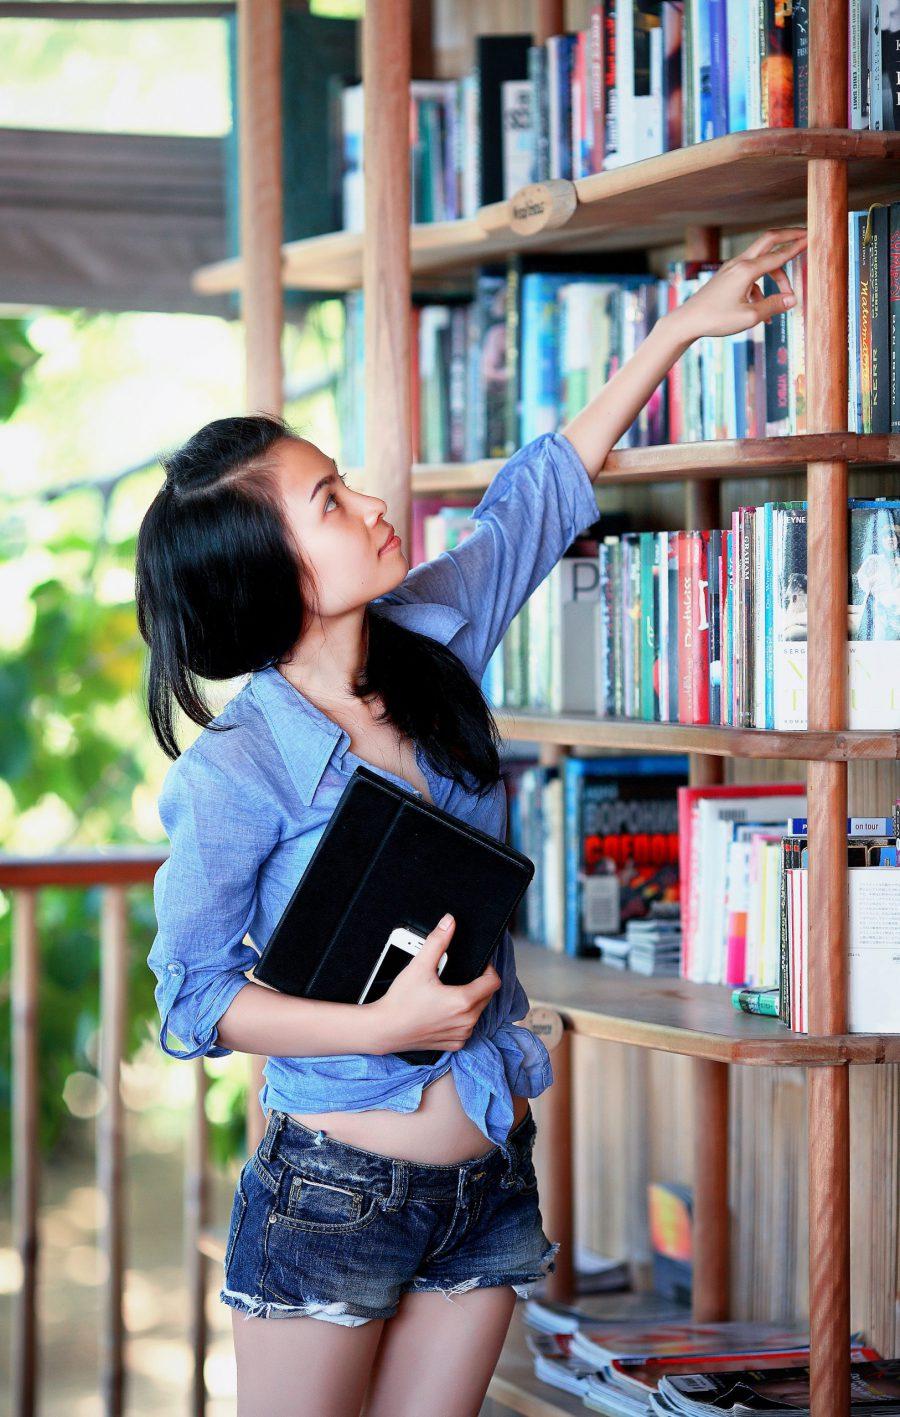 Książki młodzieżowe – czy to dobry pomysł na prezent?